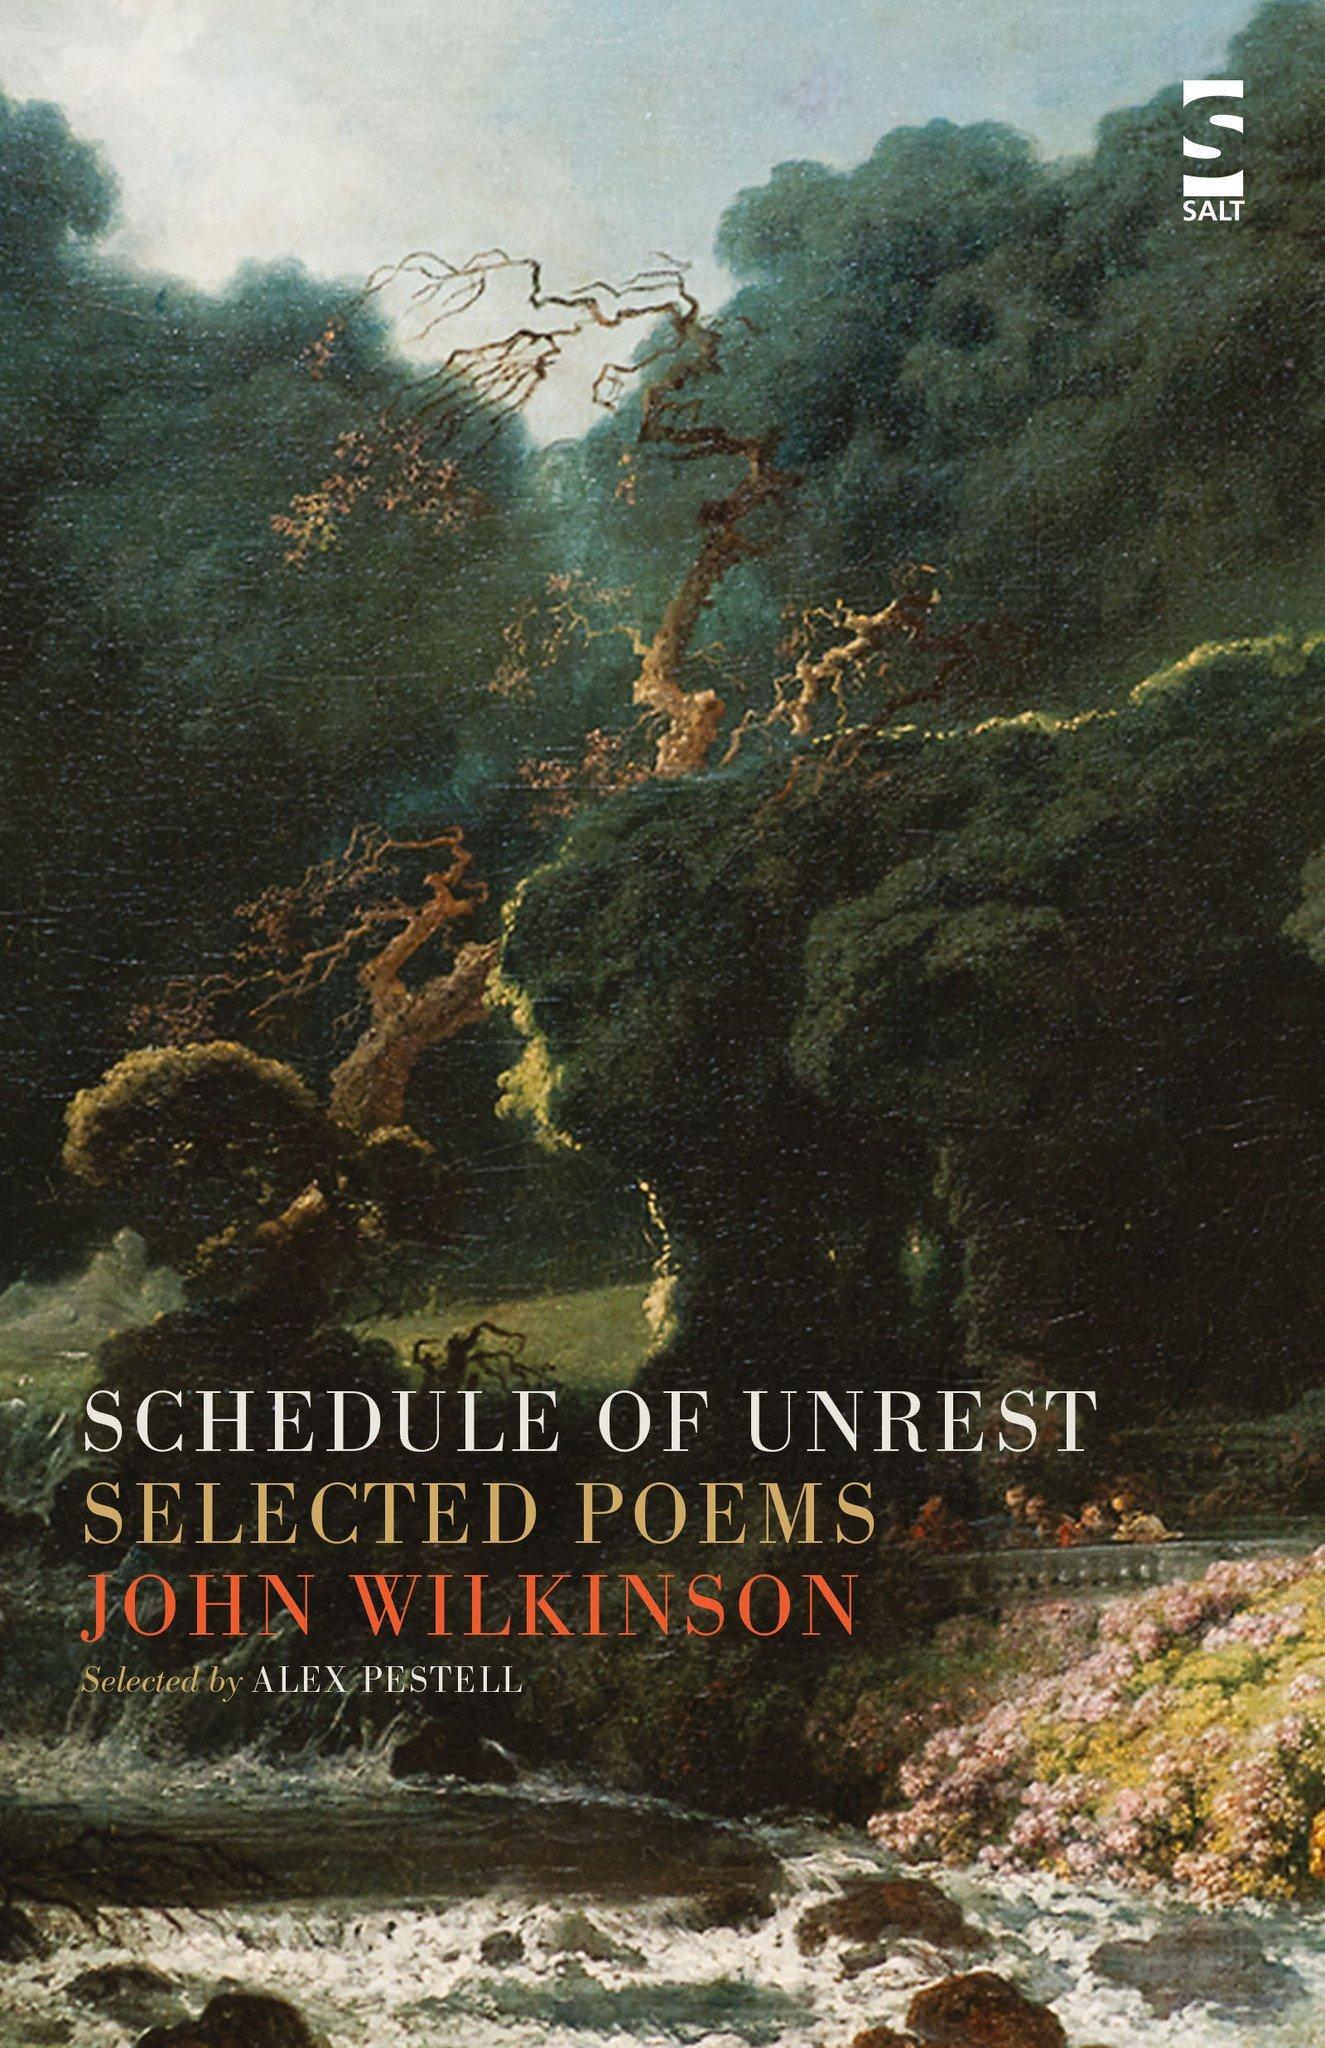 Schedule of Unrest